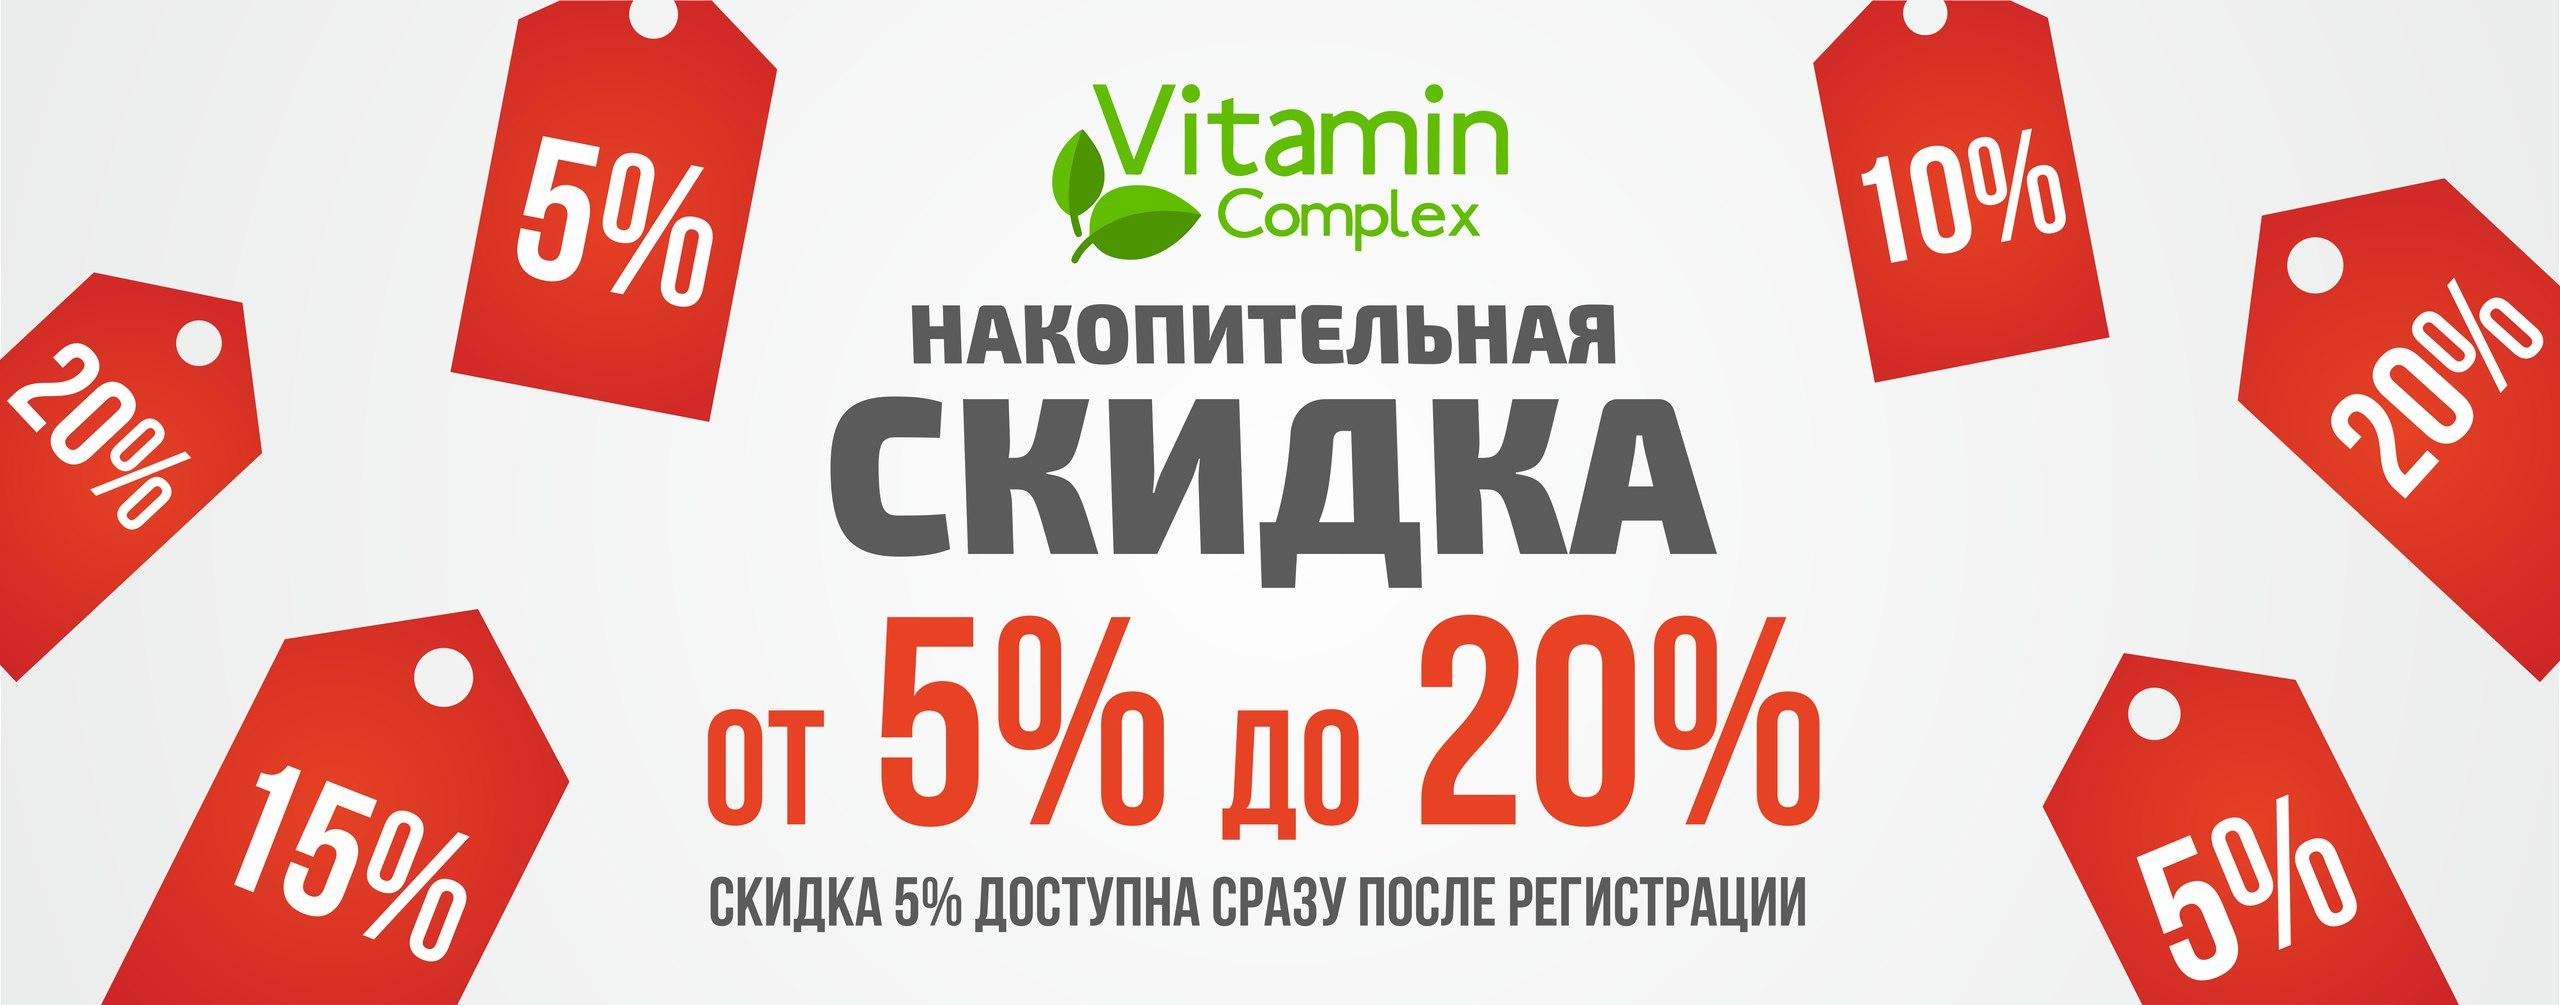 vitamincomplex-skidka